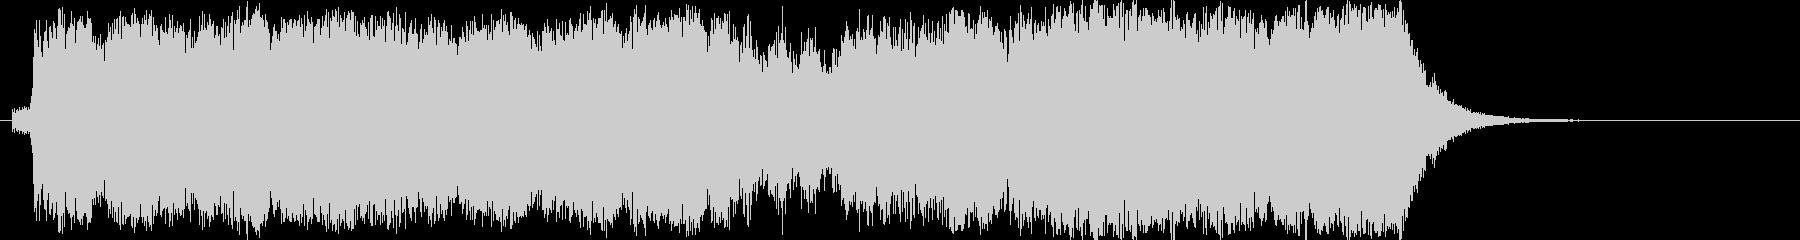 華やかなファンファーレ、吹奏楽で20秒!の未再生の波形